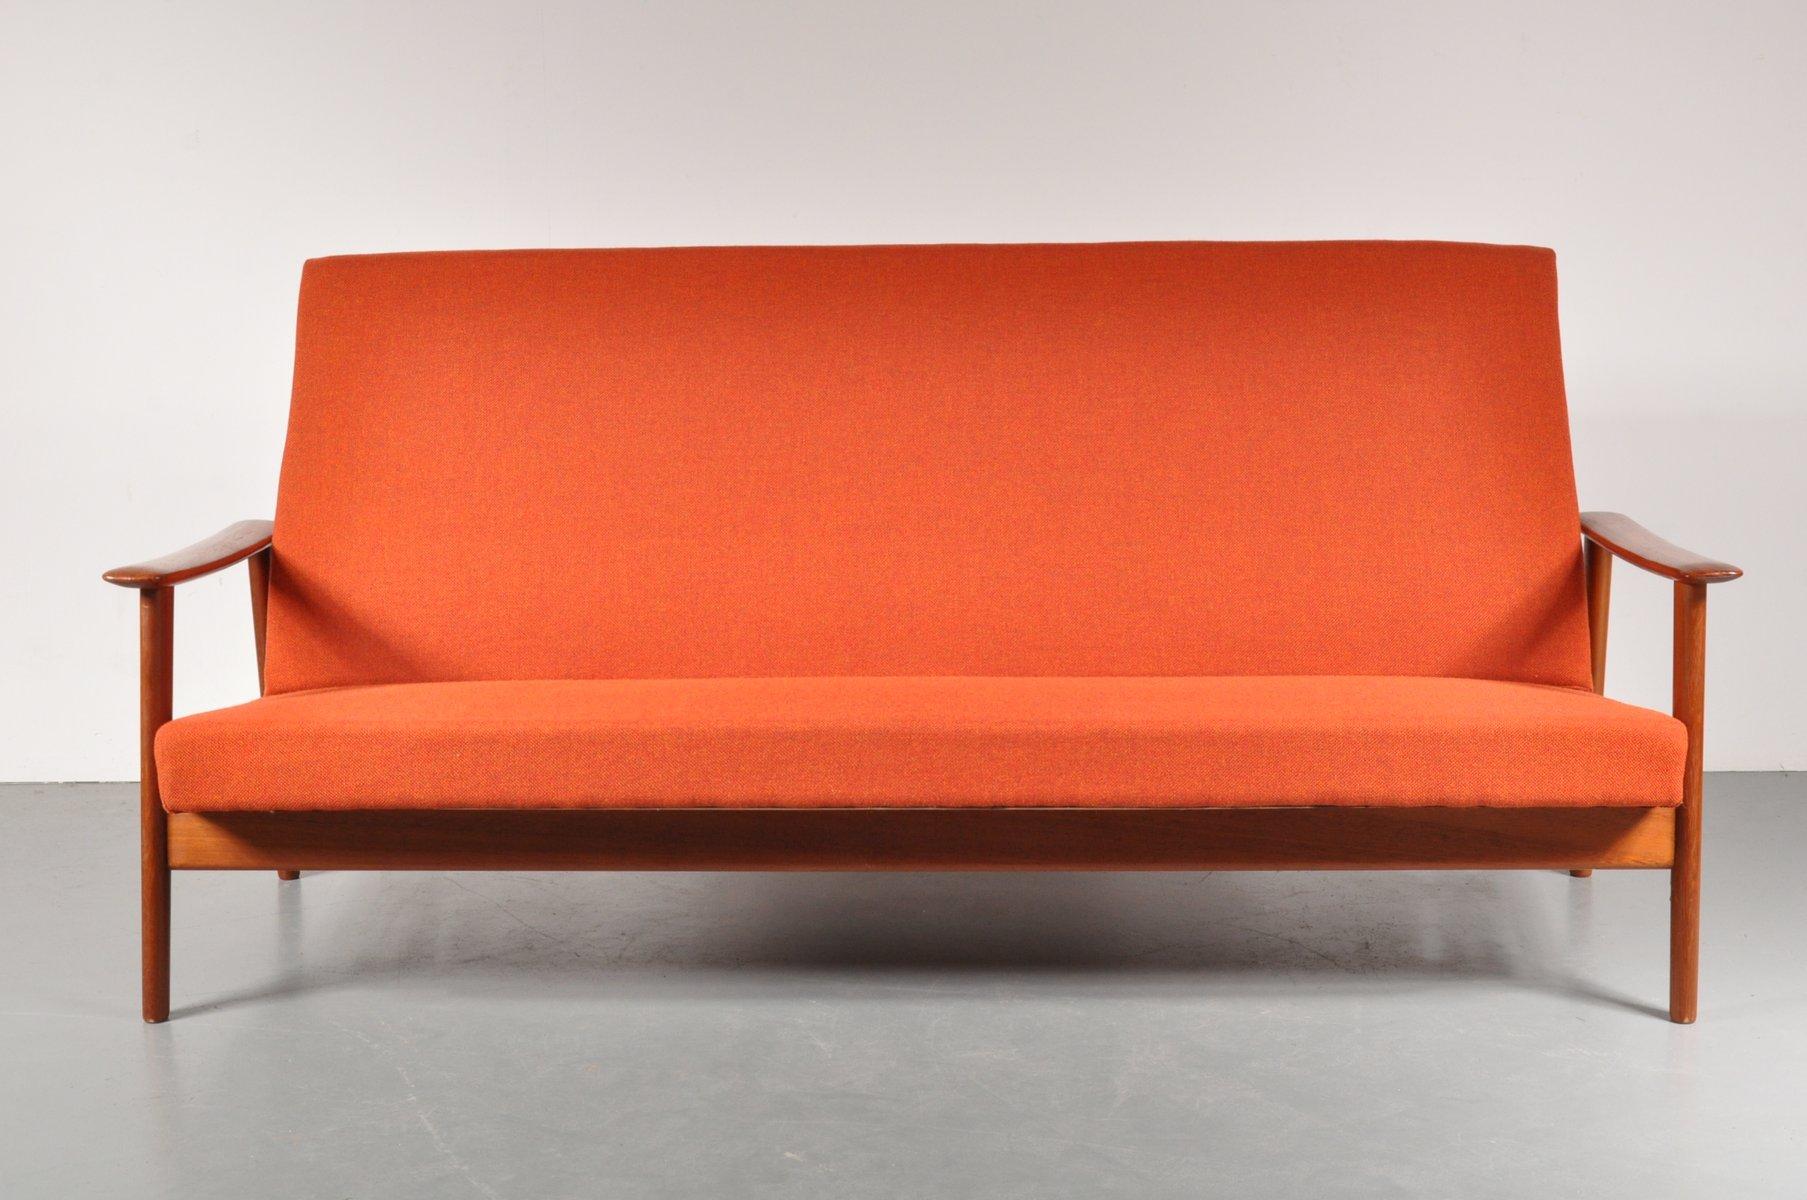 skandinavisches 3 sitzer sofa 1950er bei pamono kaufen. Black Bedroom Furniture Sets. Home Design Ideas